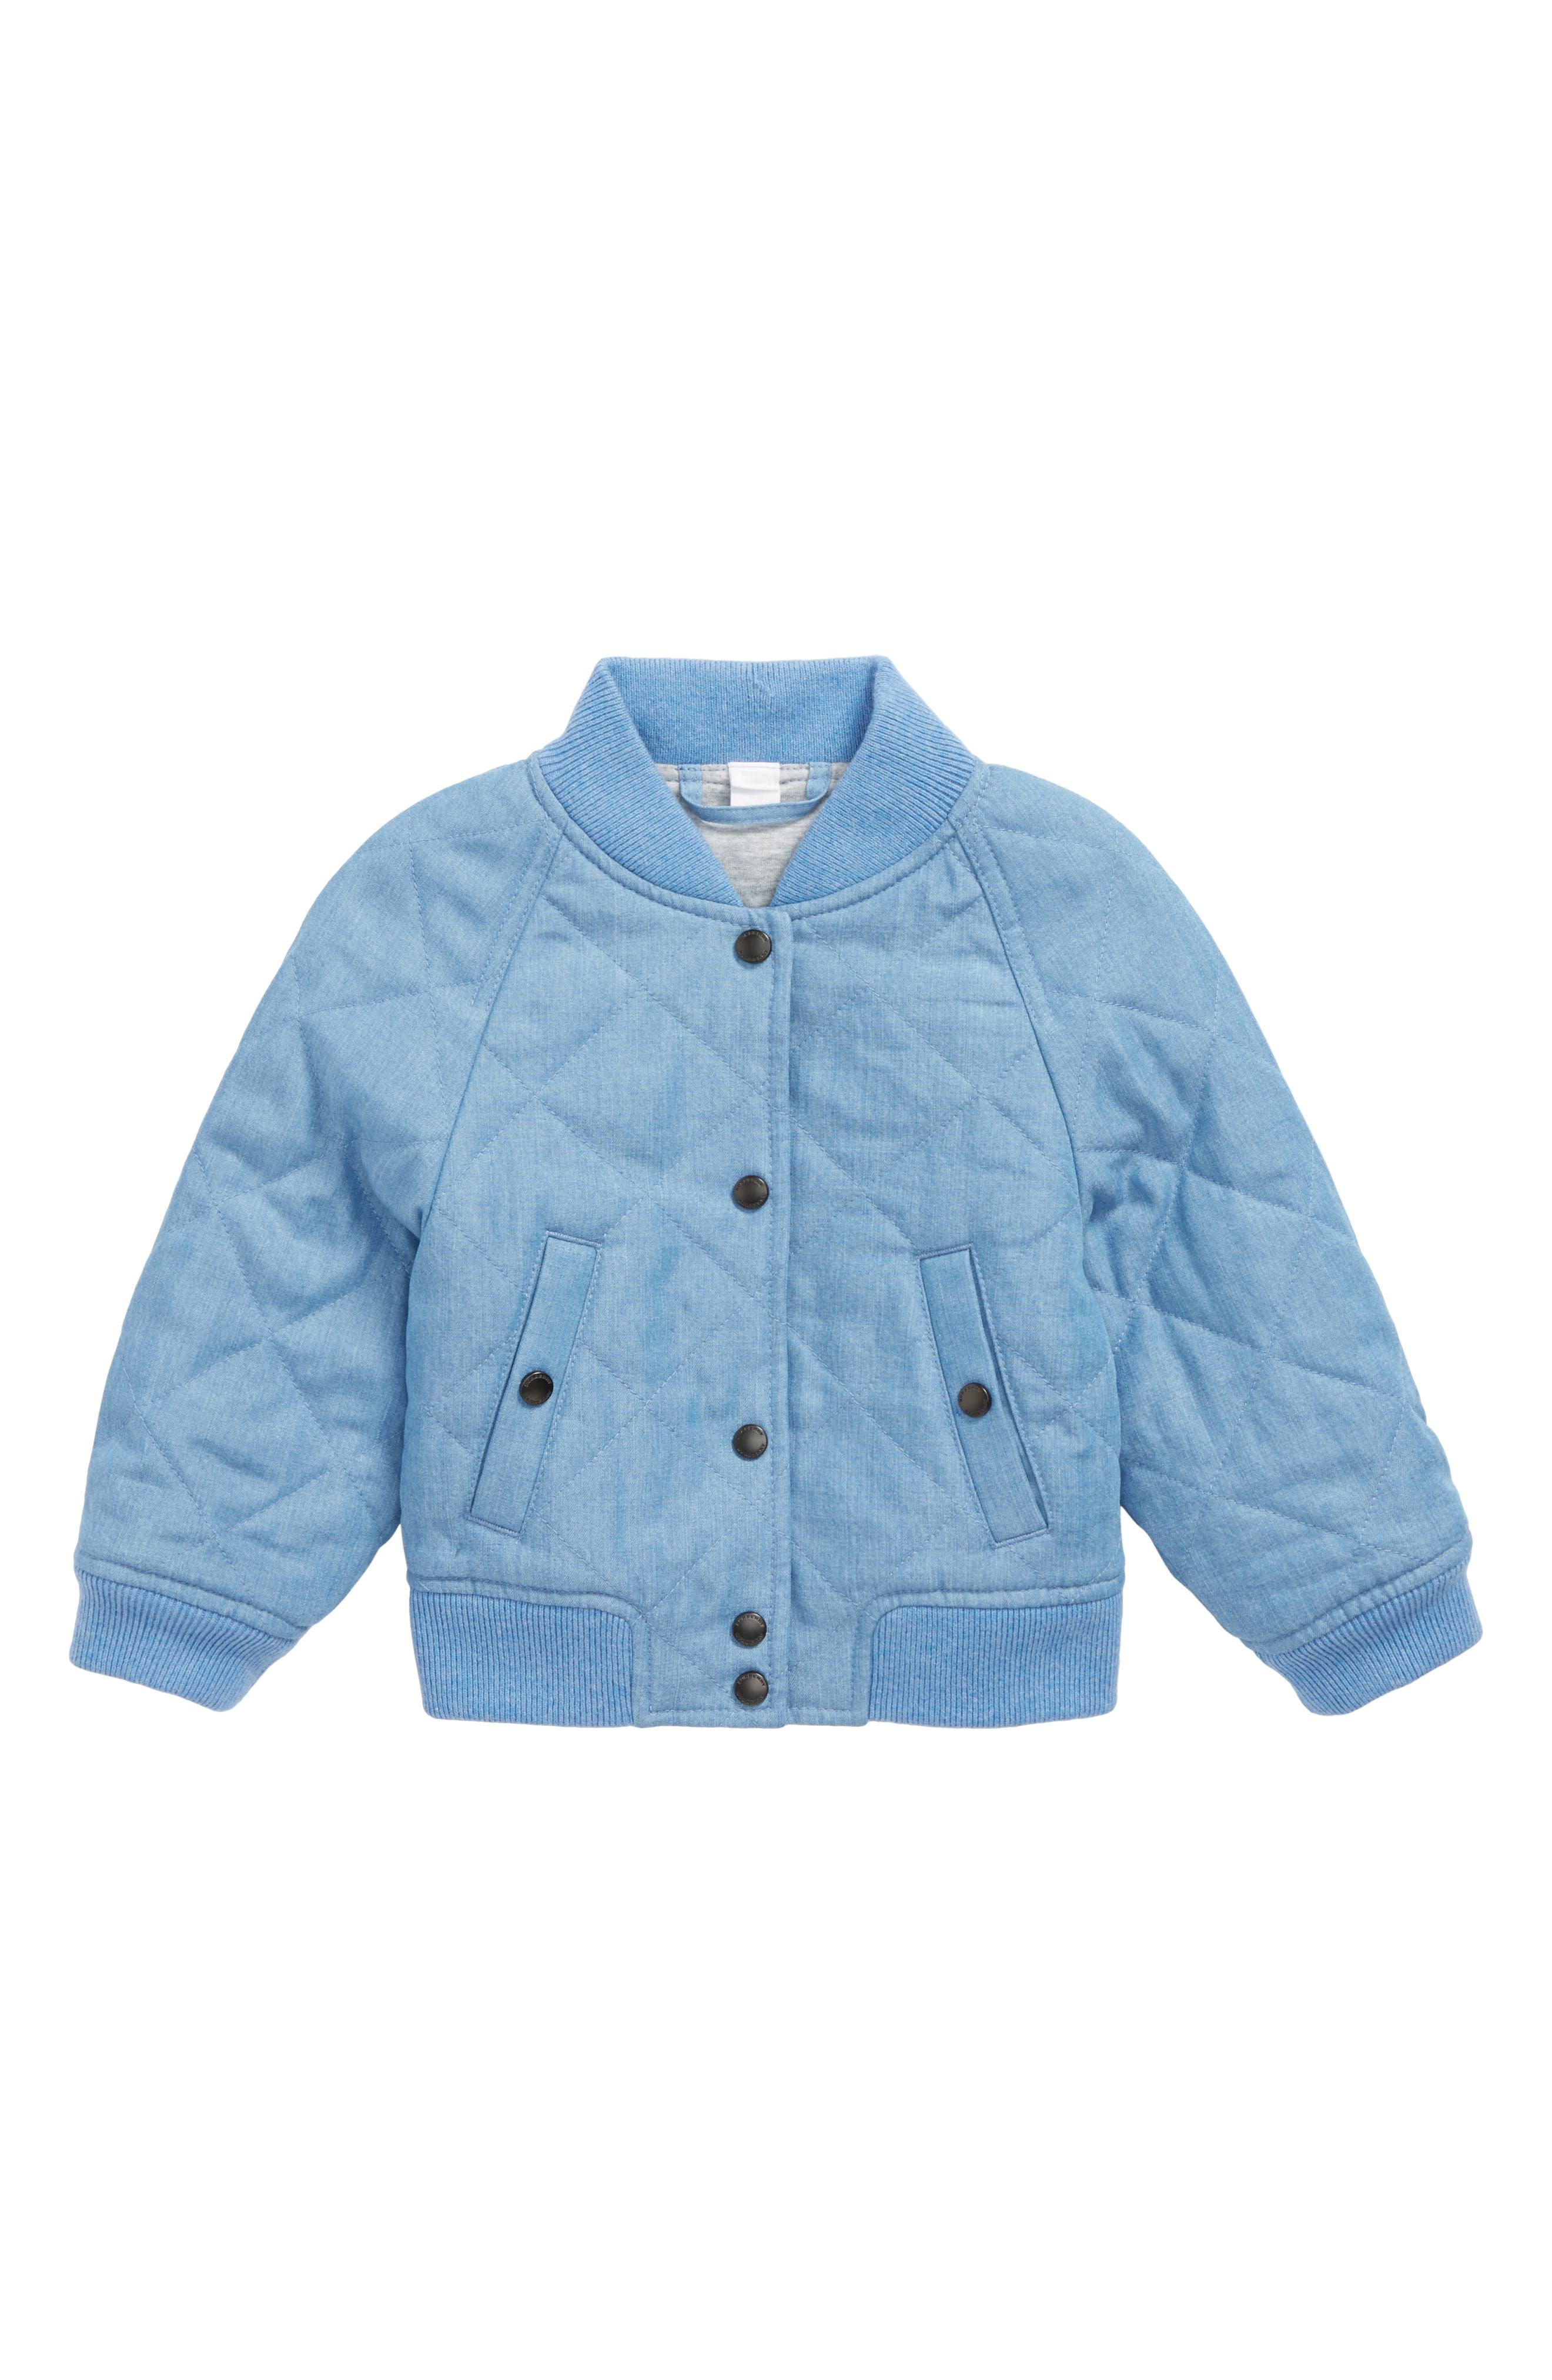 Joelle Denim Quilted Bomber Jacket,                         Main,                         color, Steel Blue